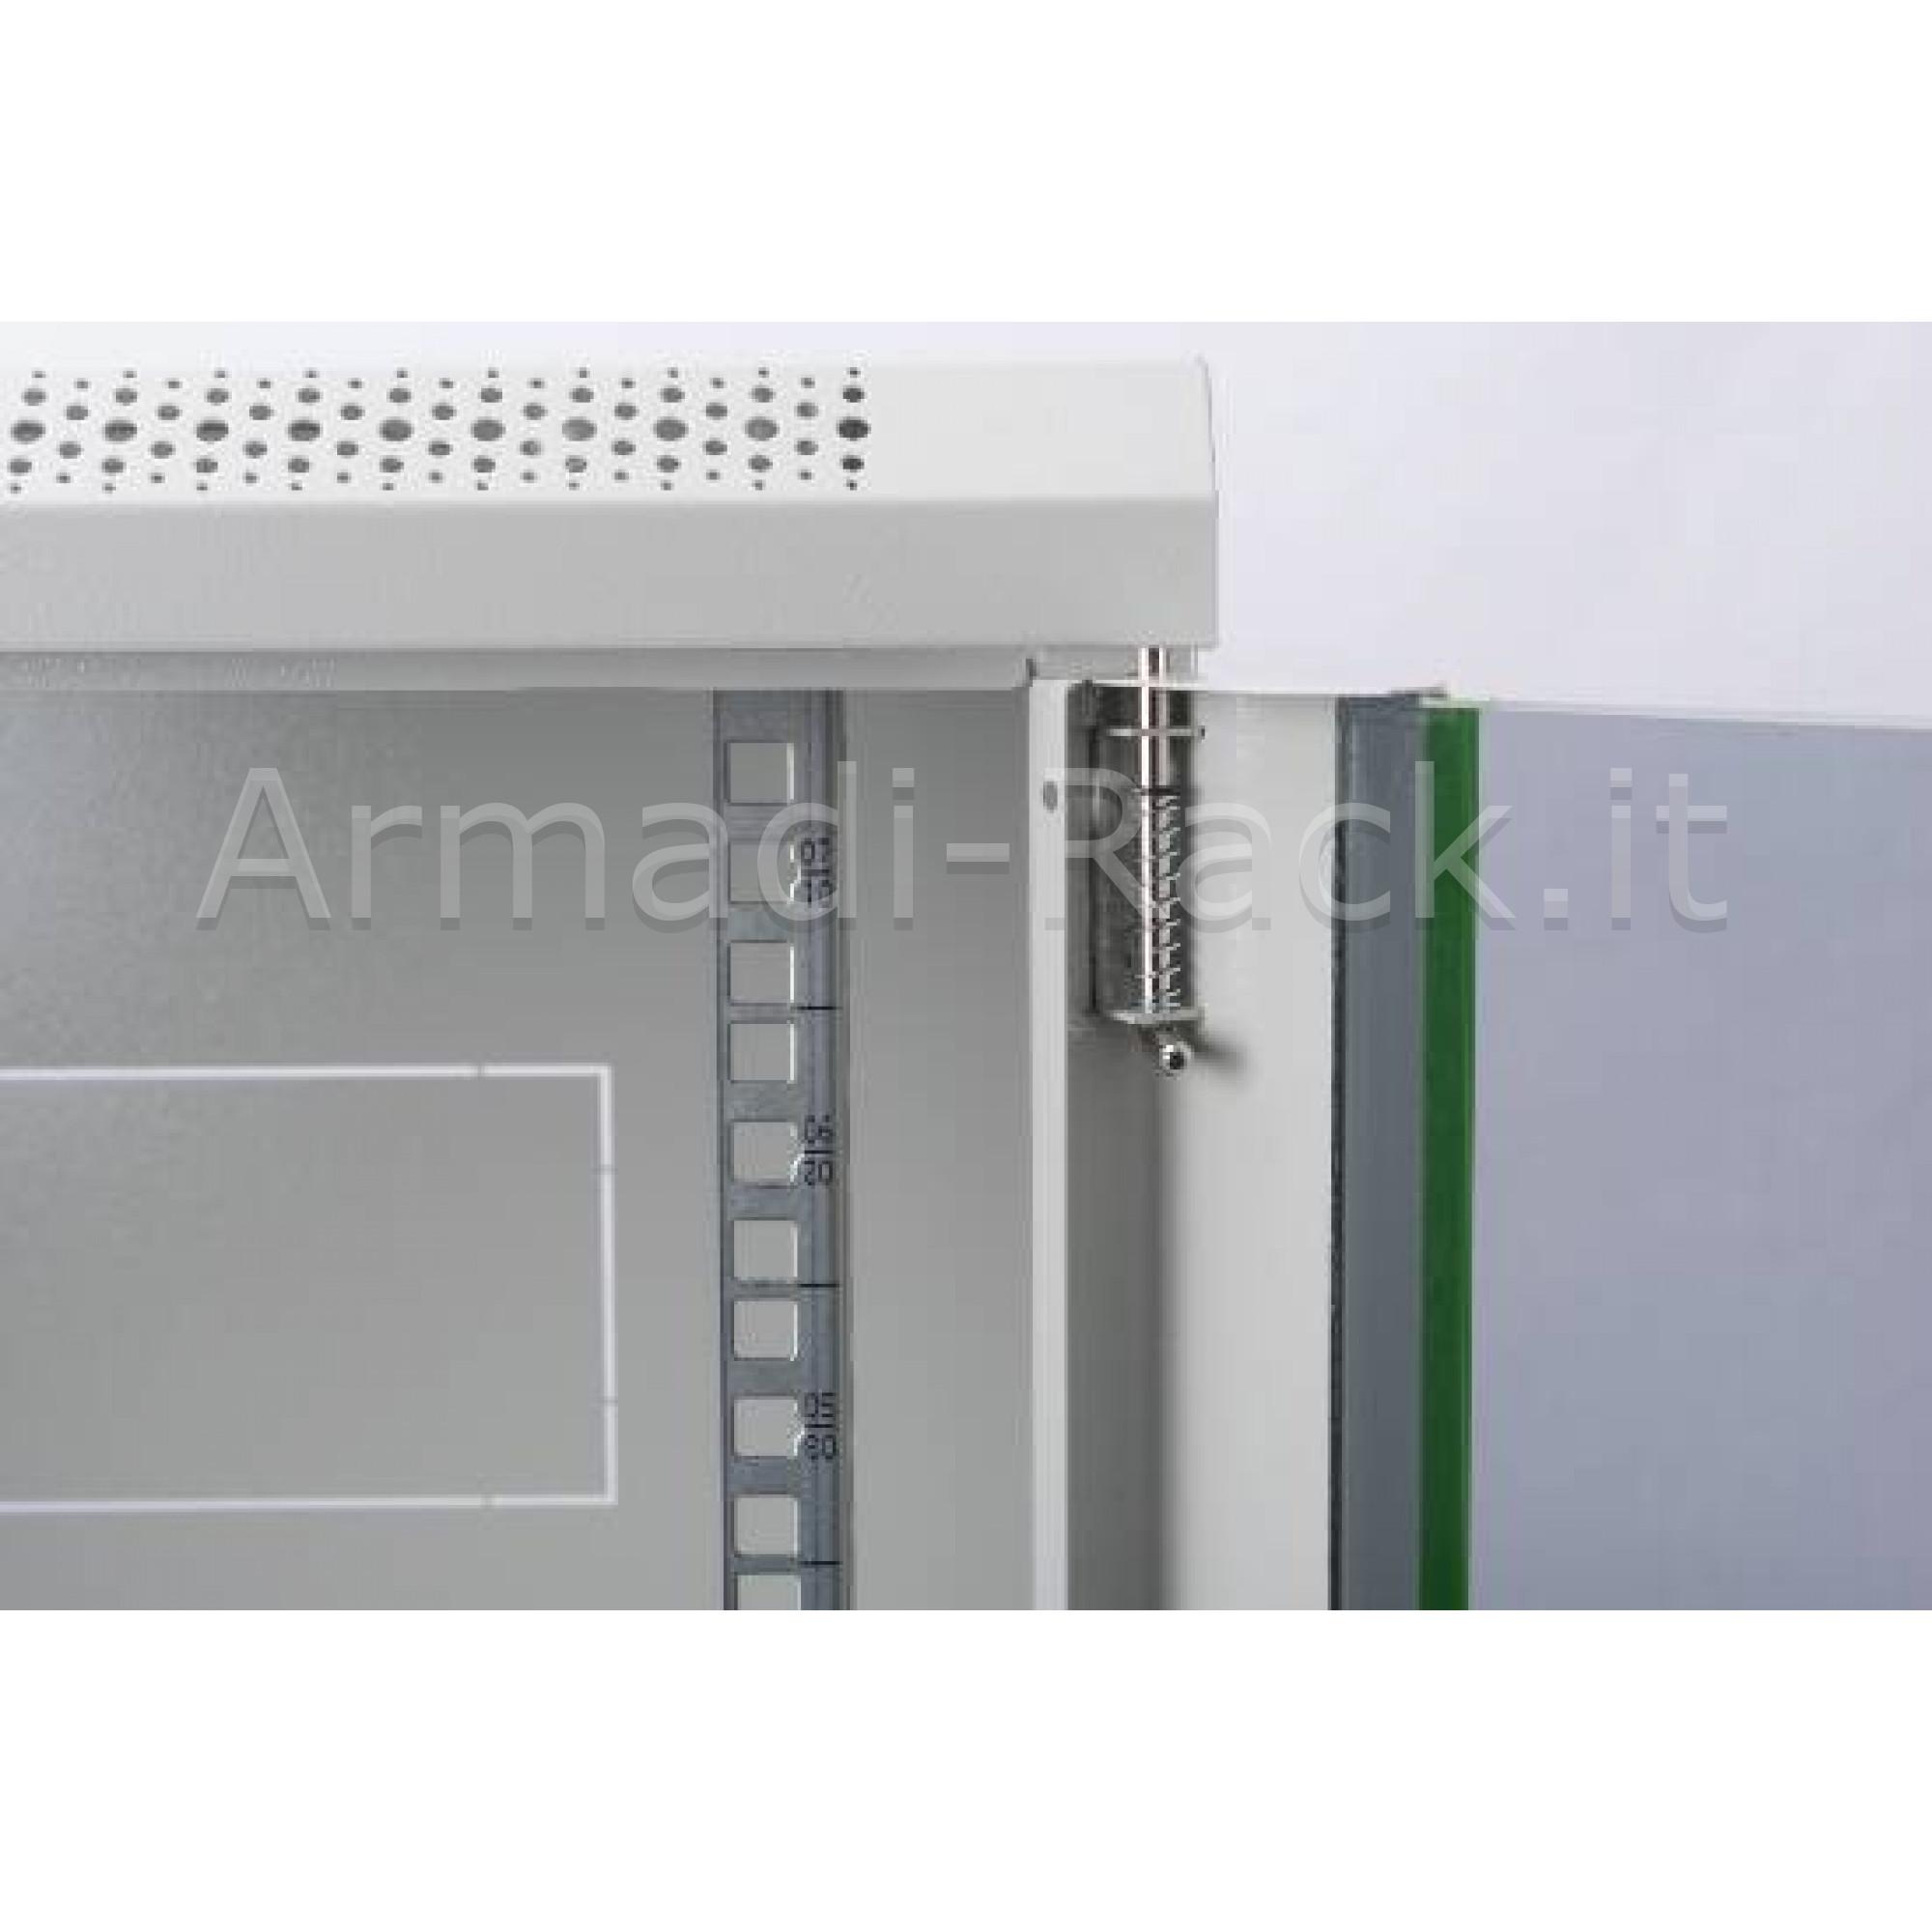 Armadio rack 16 unità da muro linea soho (a) 816 x (l) 600 x (p) 450 mm. colore grigio chiaro RAL 7035